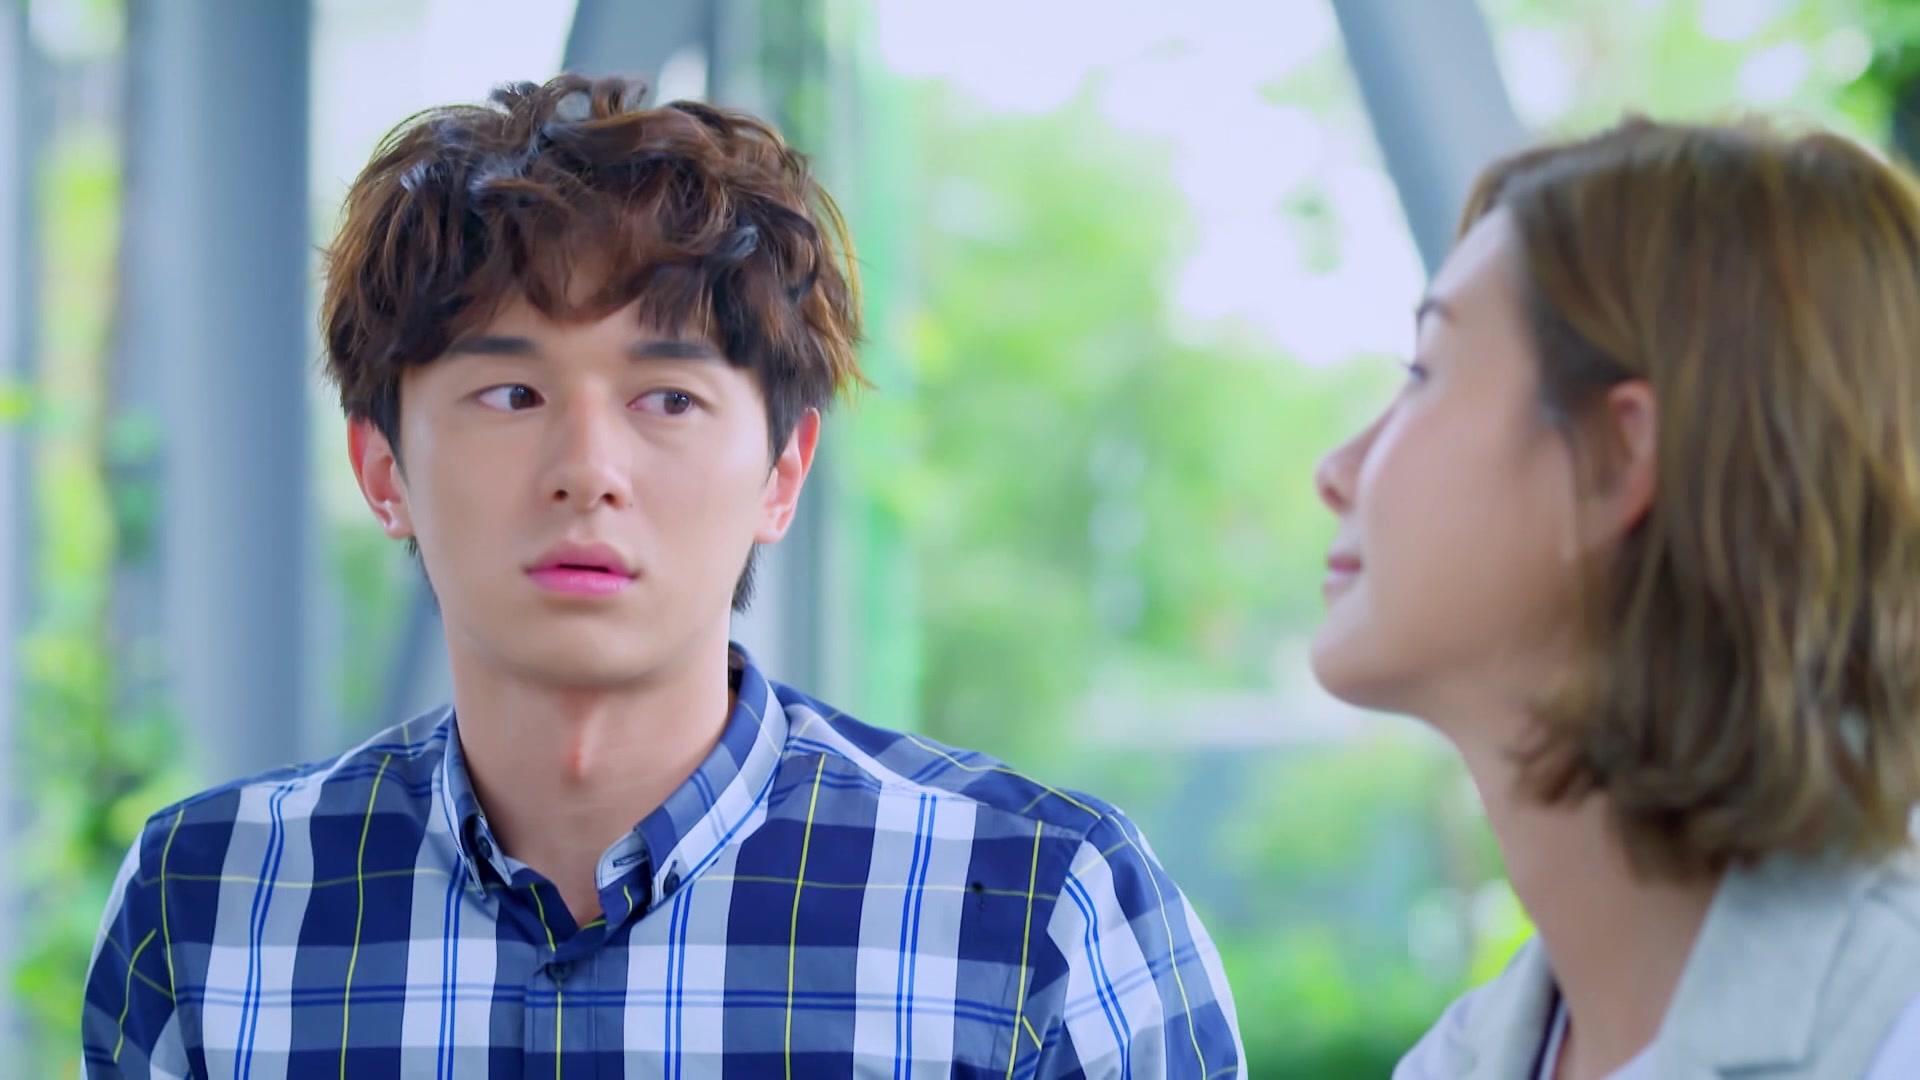 Floresta Do Mal Online regarding le prince loup - 狼王子 - regardez l'épisode en entier